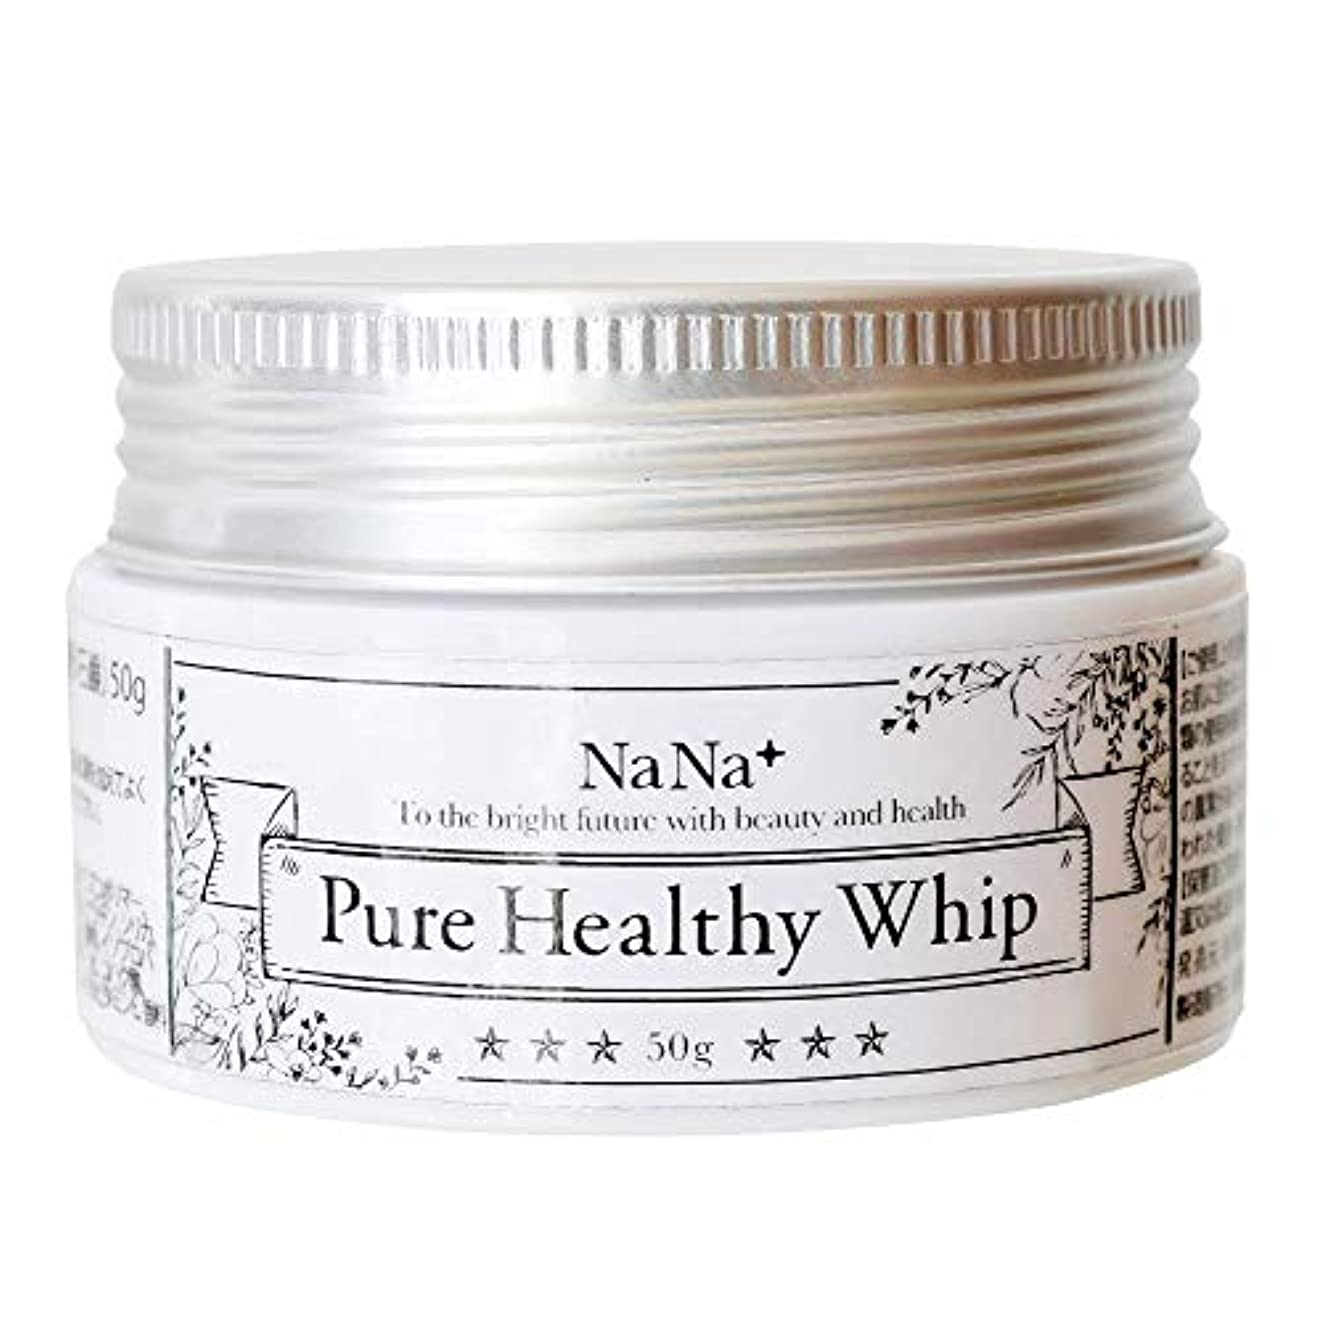 活気づくジョージエリオットジュニア洗顔 生せっけん 敏感肌 乾燥肌 の 毛穴 くすみ 黒ずみ ケア 肌に優しい無添加  nana+ピュアヘルシーホイップ